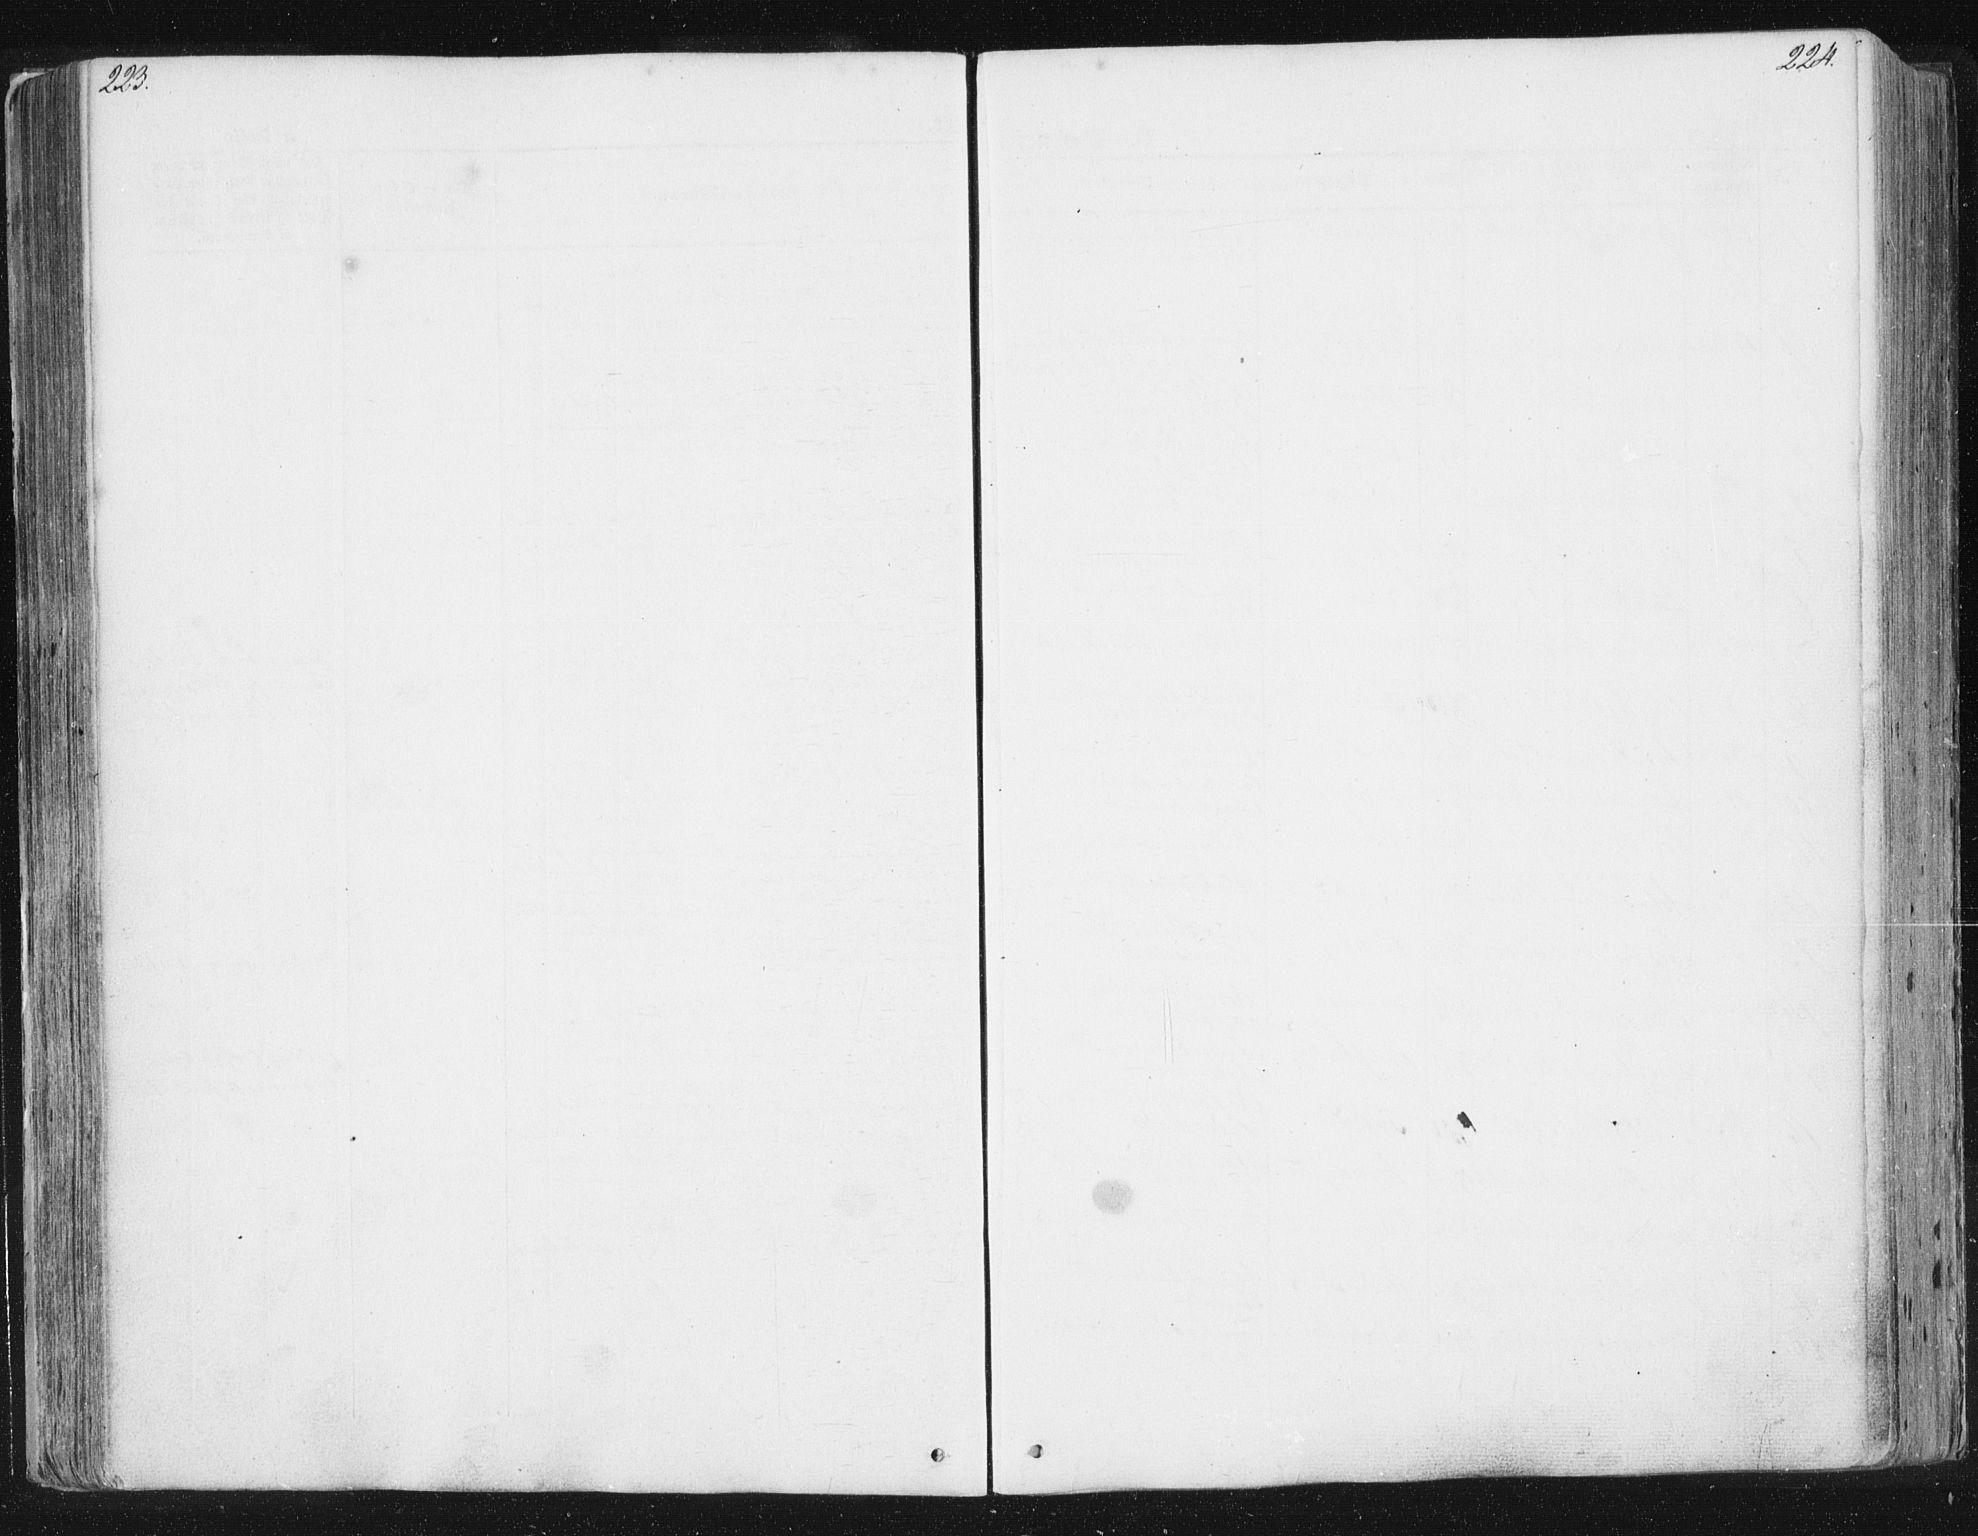 SAT, Ministerialprotokoller, klokkerbøker og fødselsregistre - Sør-Trøndelag, 630/L0494: Ministerialbok nr. 630A07, 1852-1868, s. 223-224